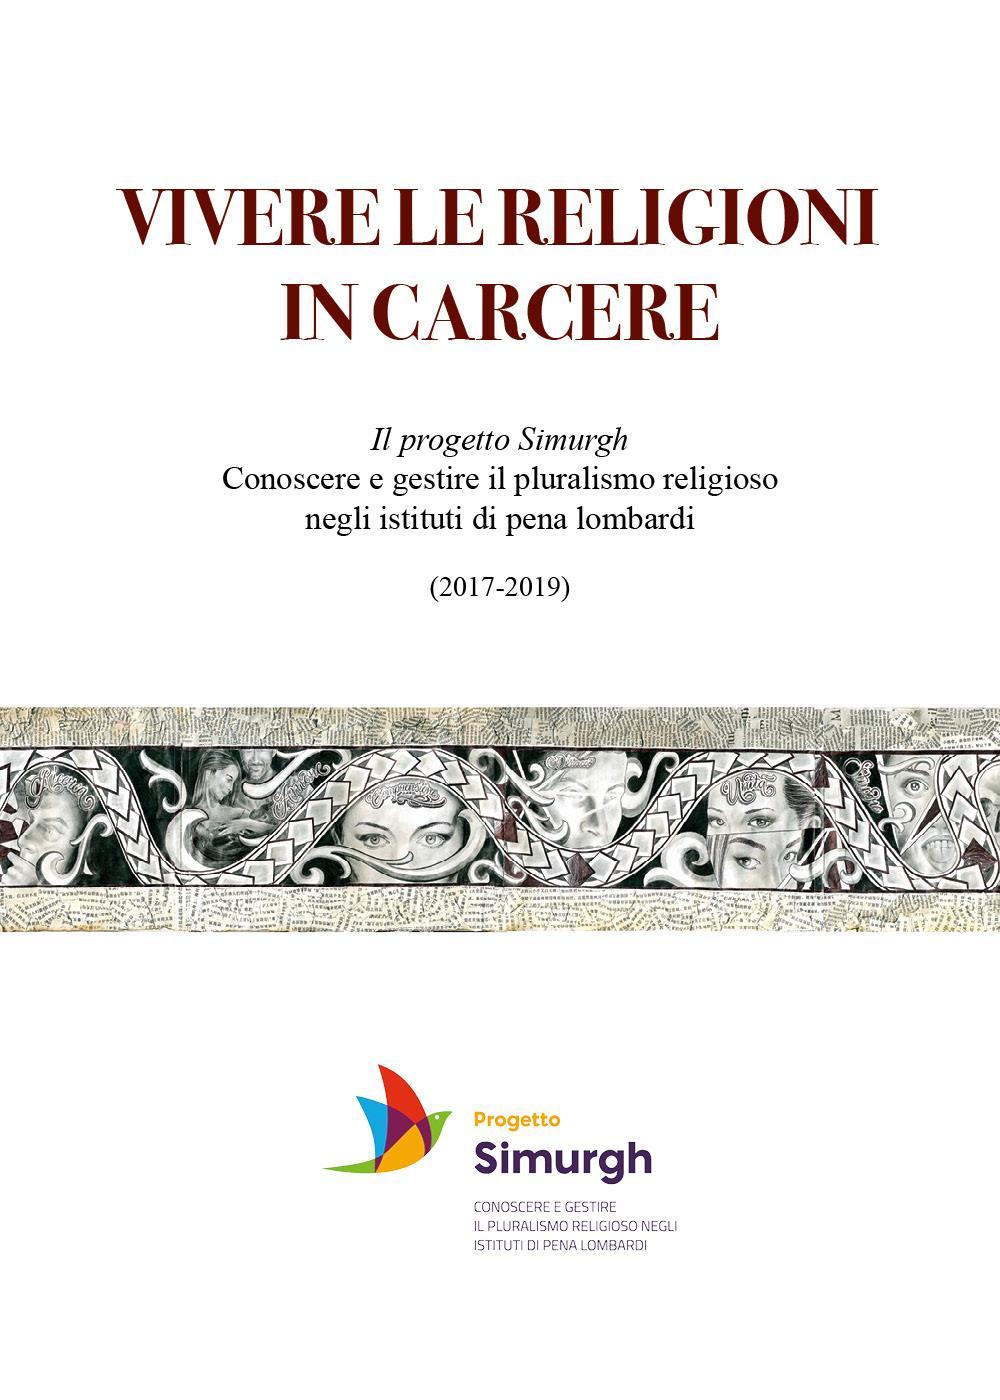 VIVERE LE RELIGIONI IN CARCERE Il progetto Simurgh - Conoscere e gestire il pluralismo religioso negli istituti di pena lombardi (2017-2019)